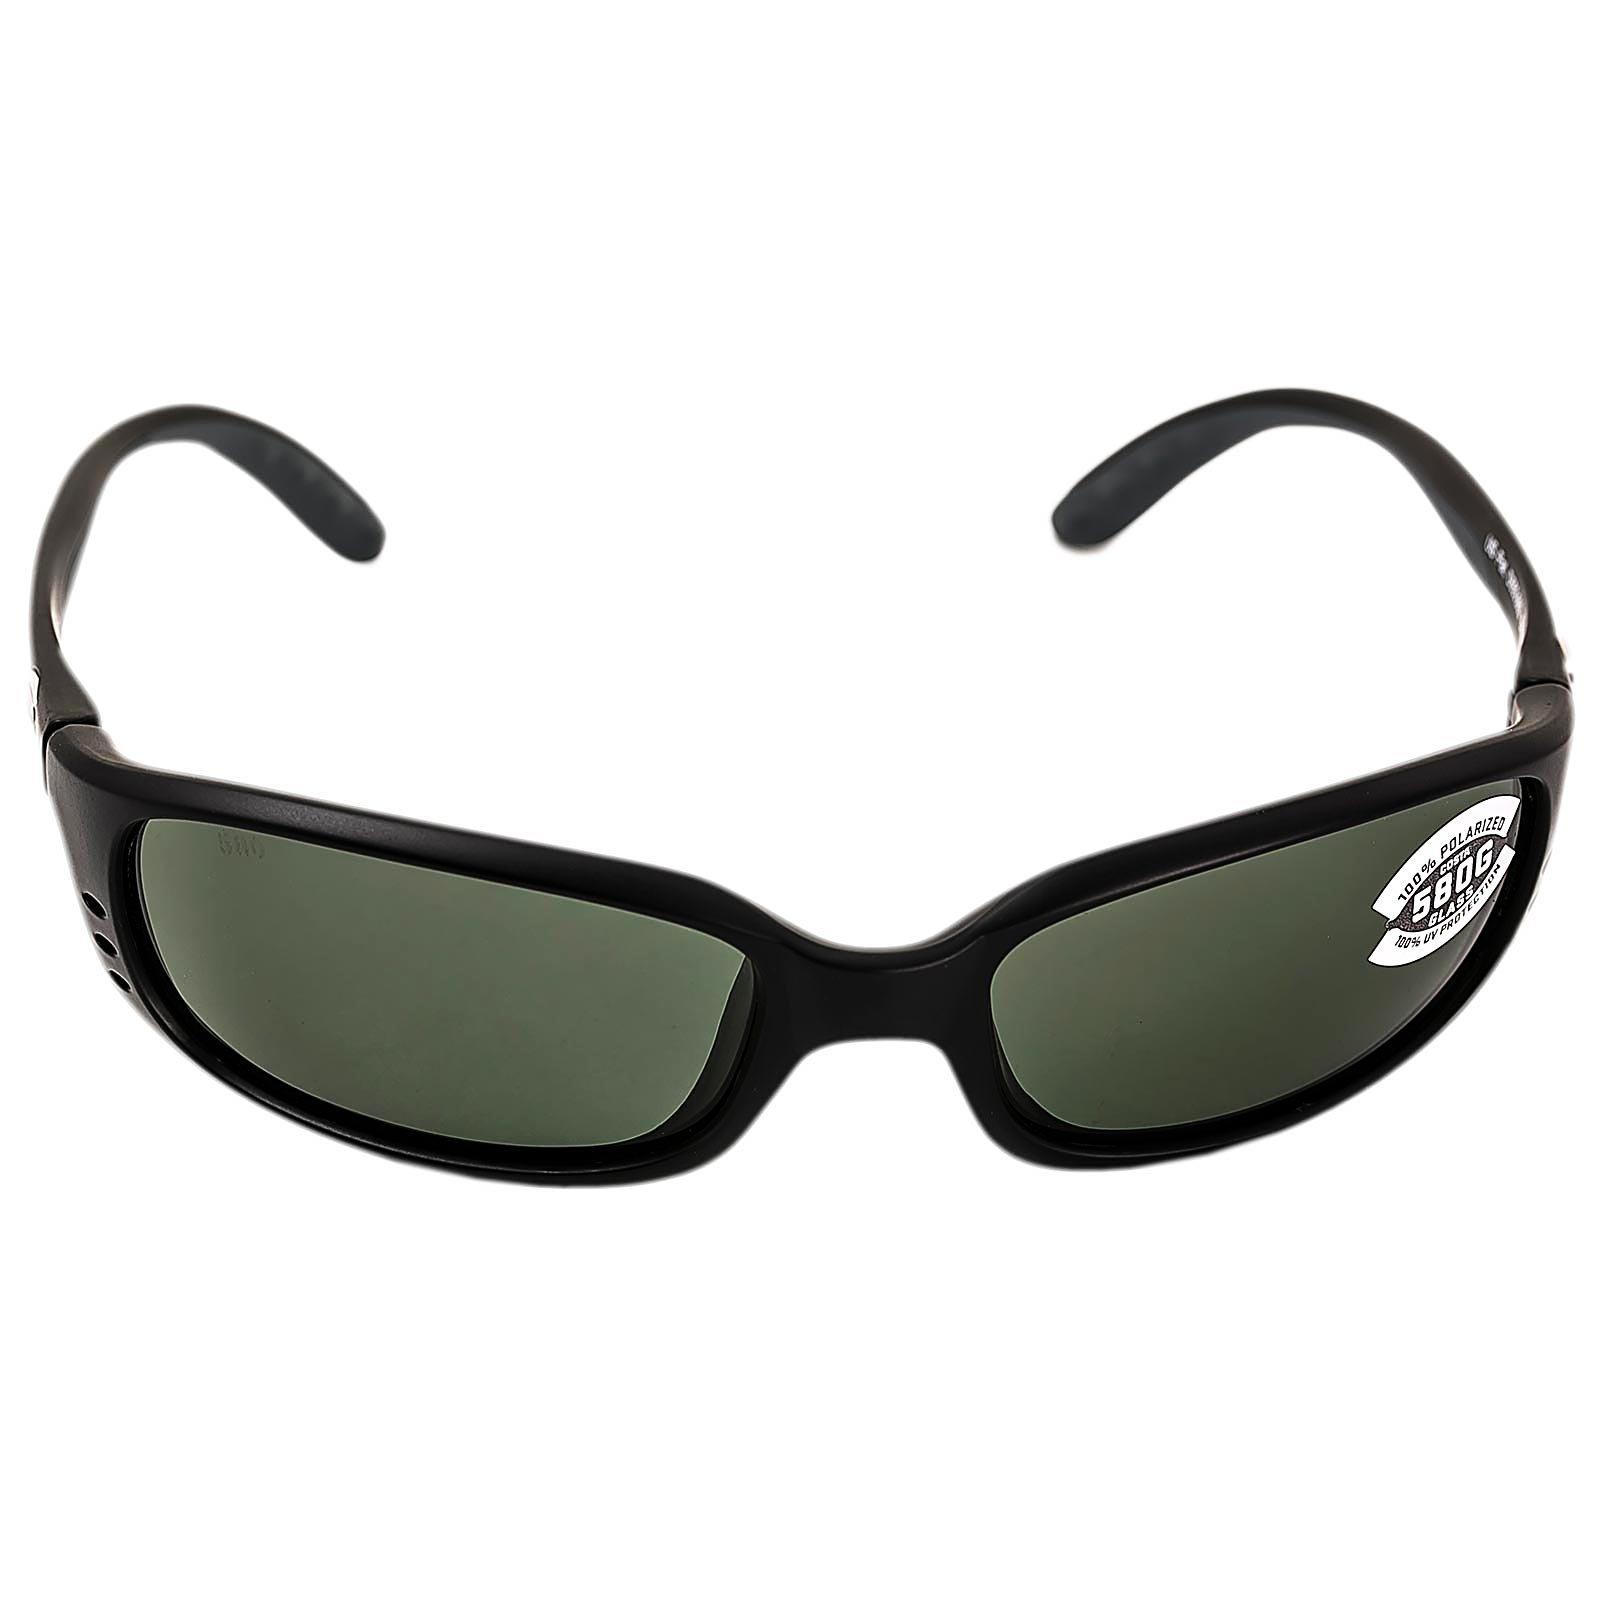 Costa Brine Polarized Sunglasses - Costa 580 Glass Lens Matte Black/Gray, One Size